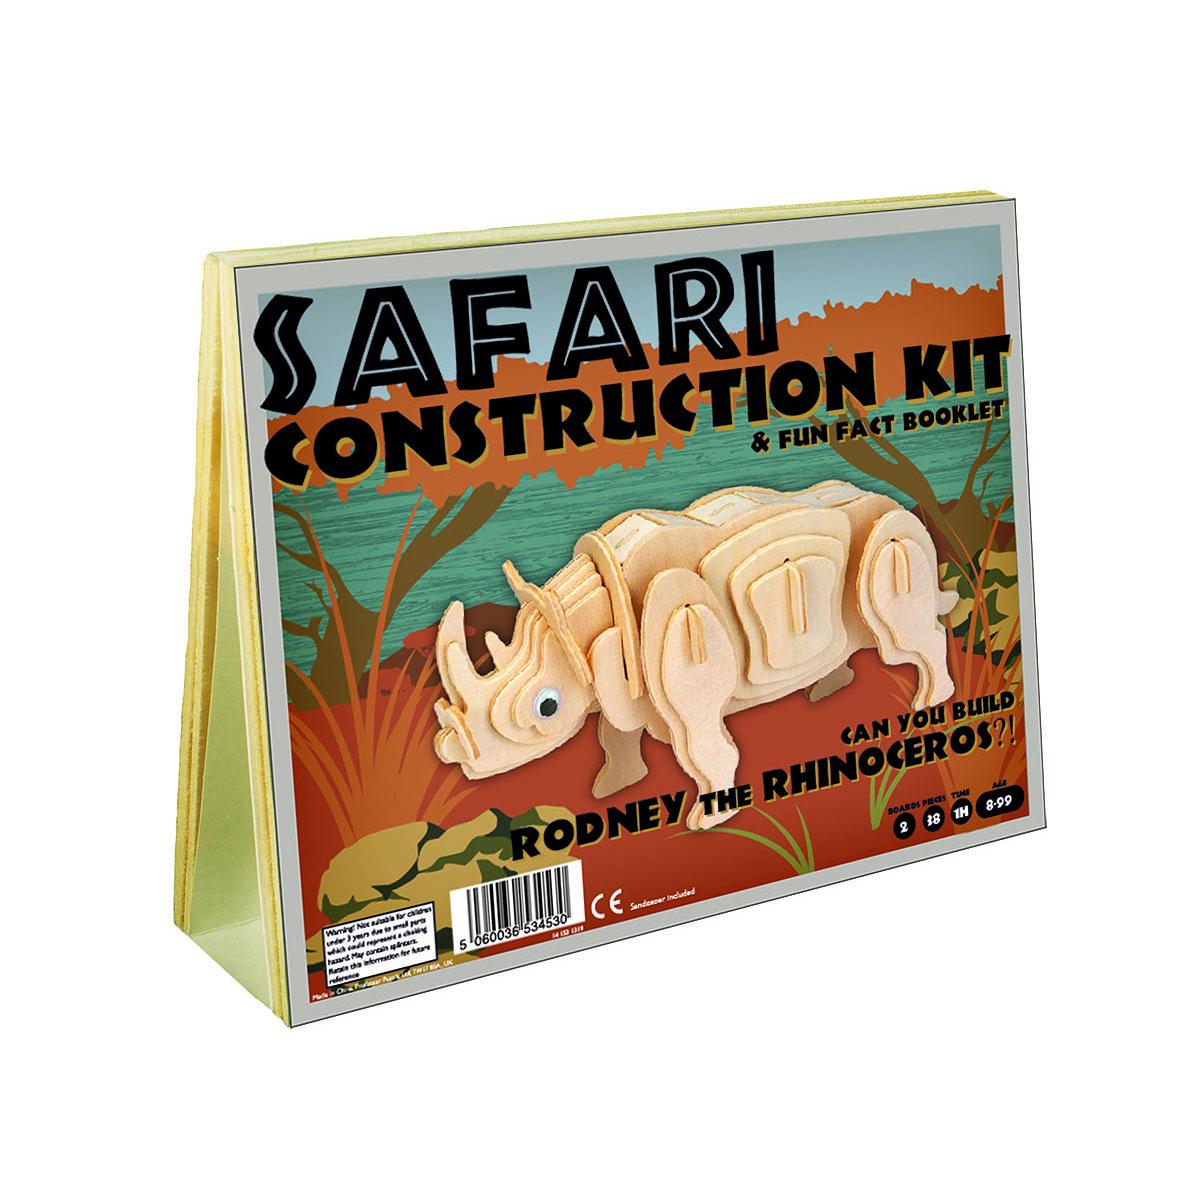 Construction Kits rhino